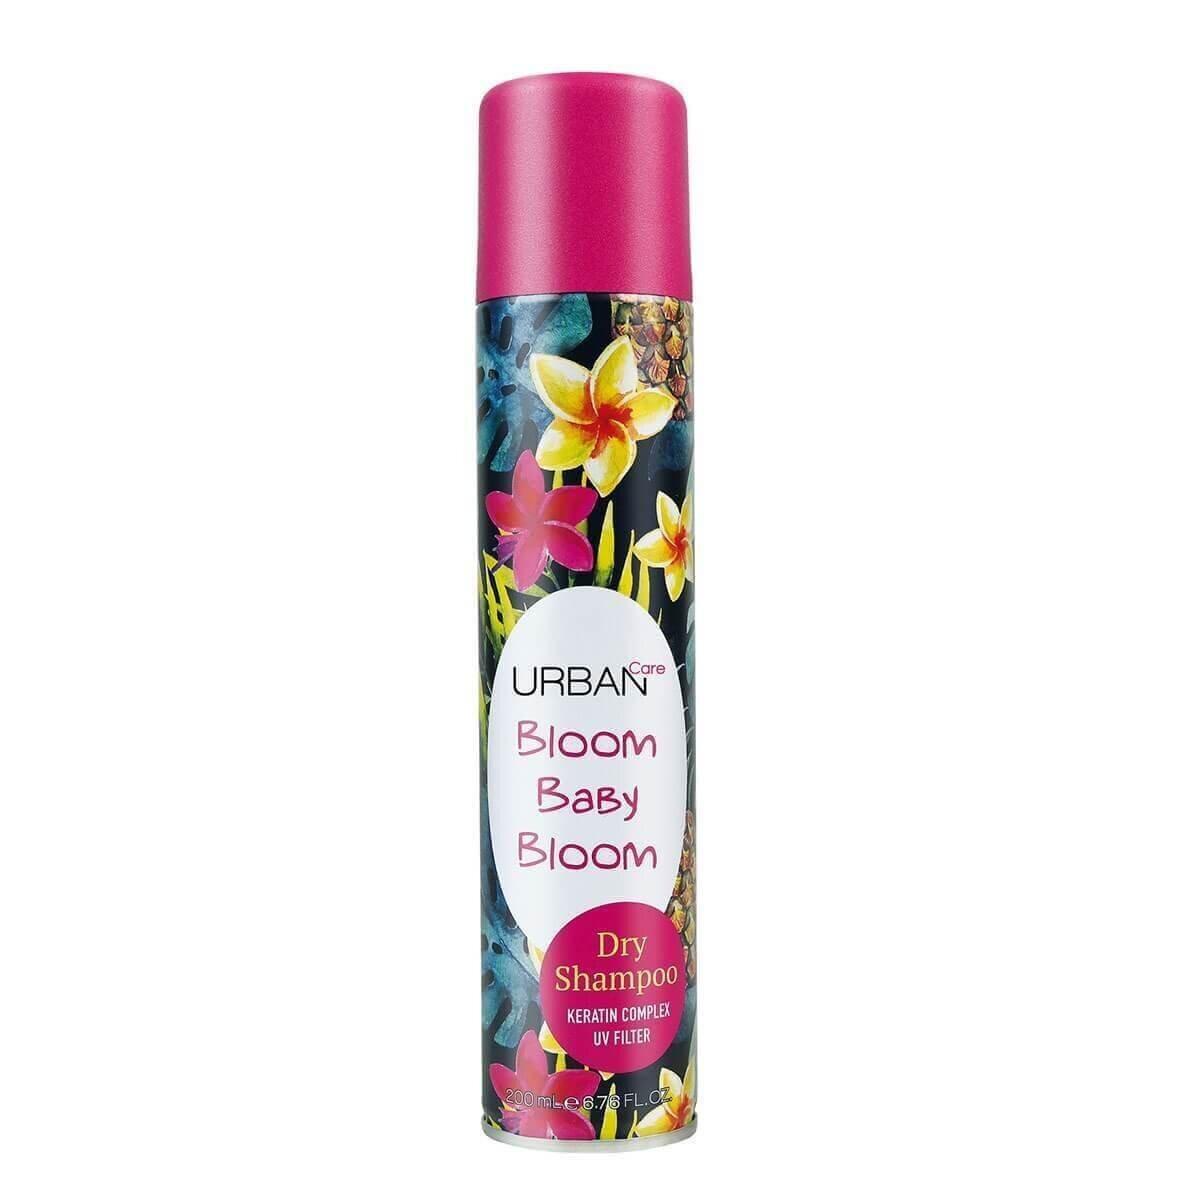 Bloom Kuru Şampuan 200ml